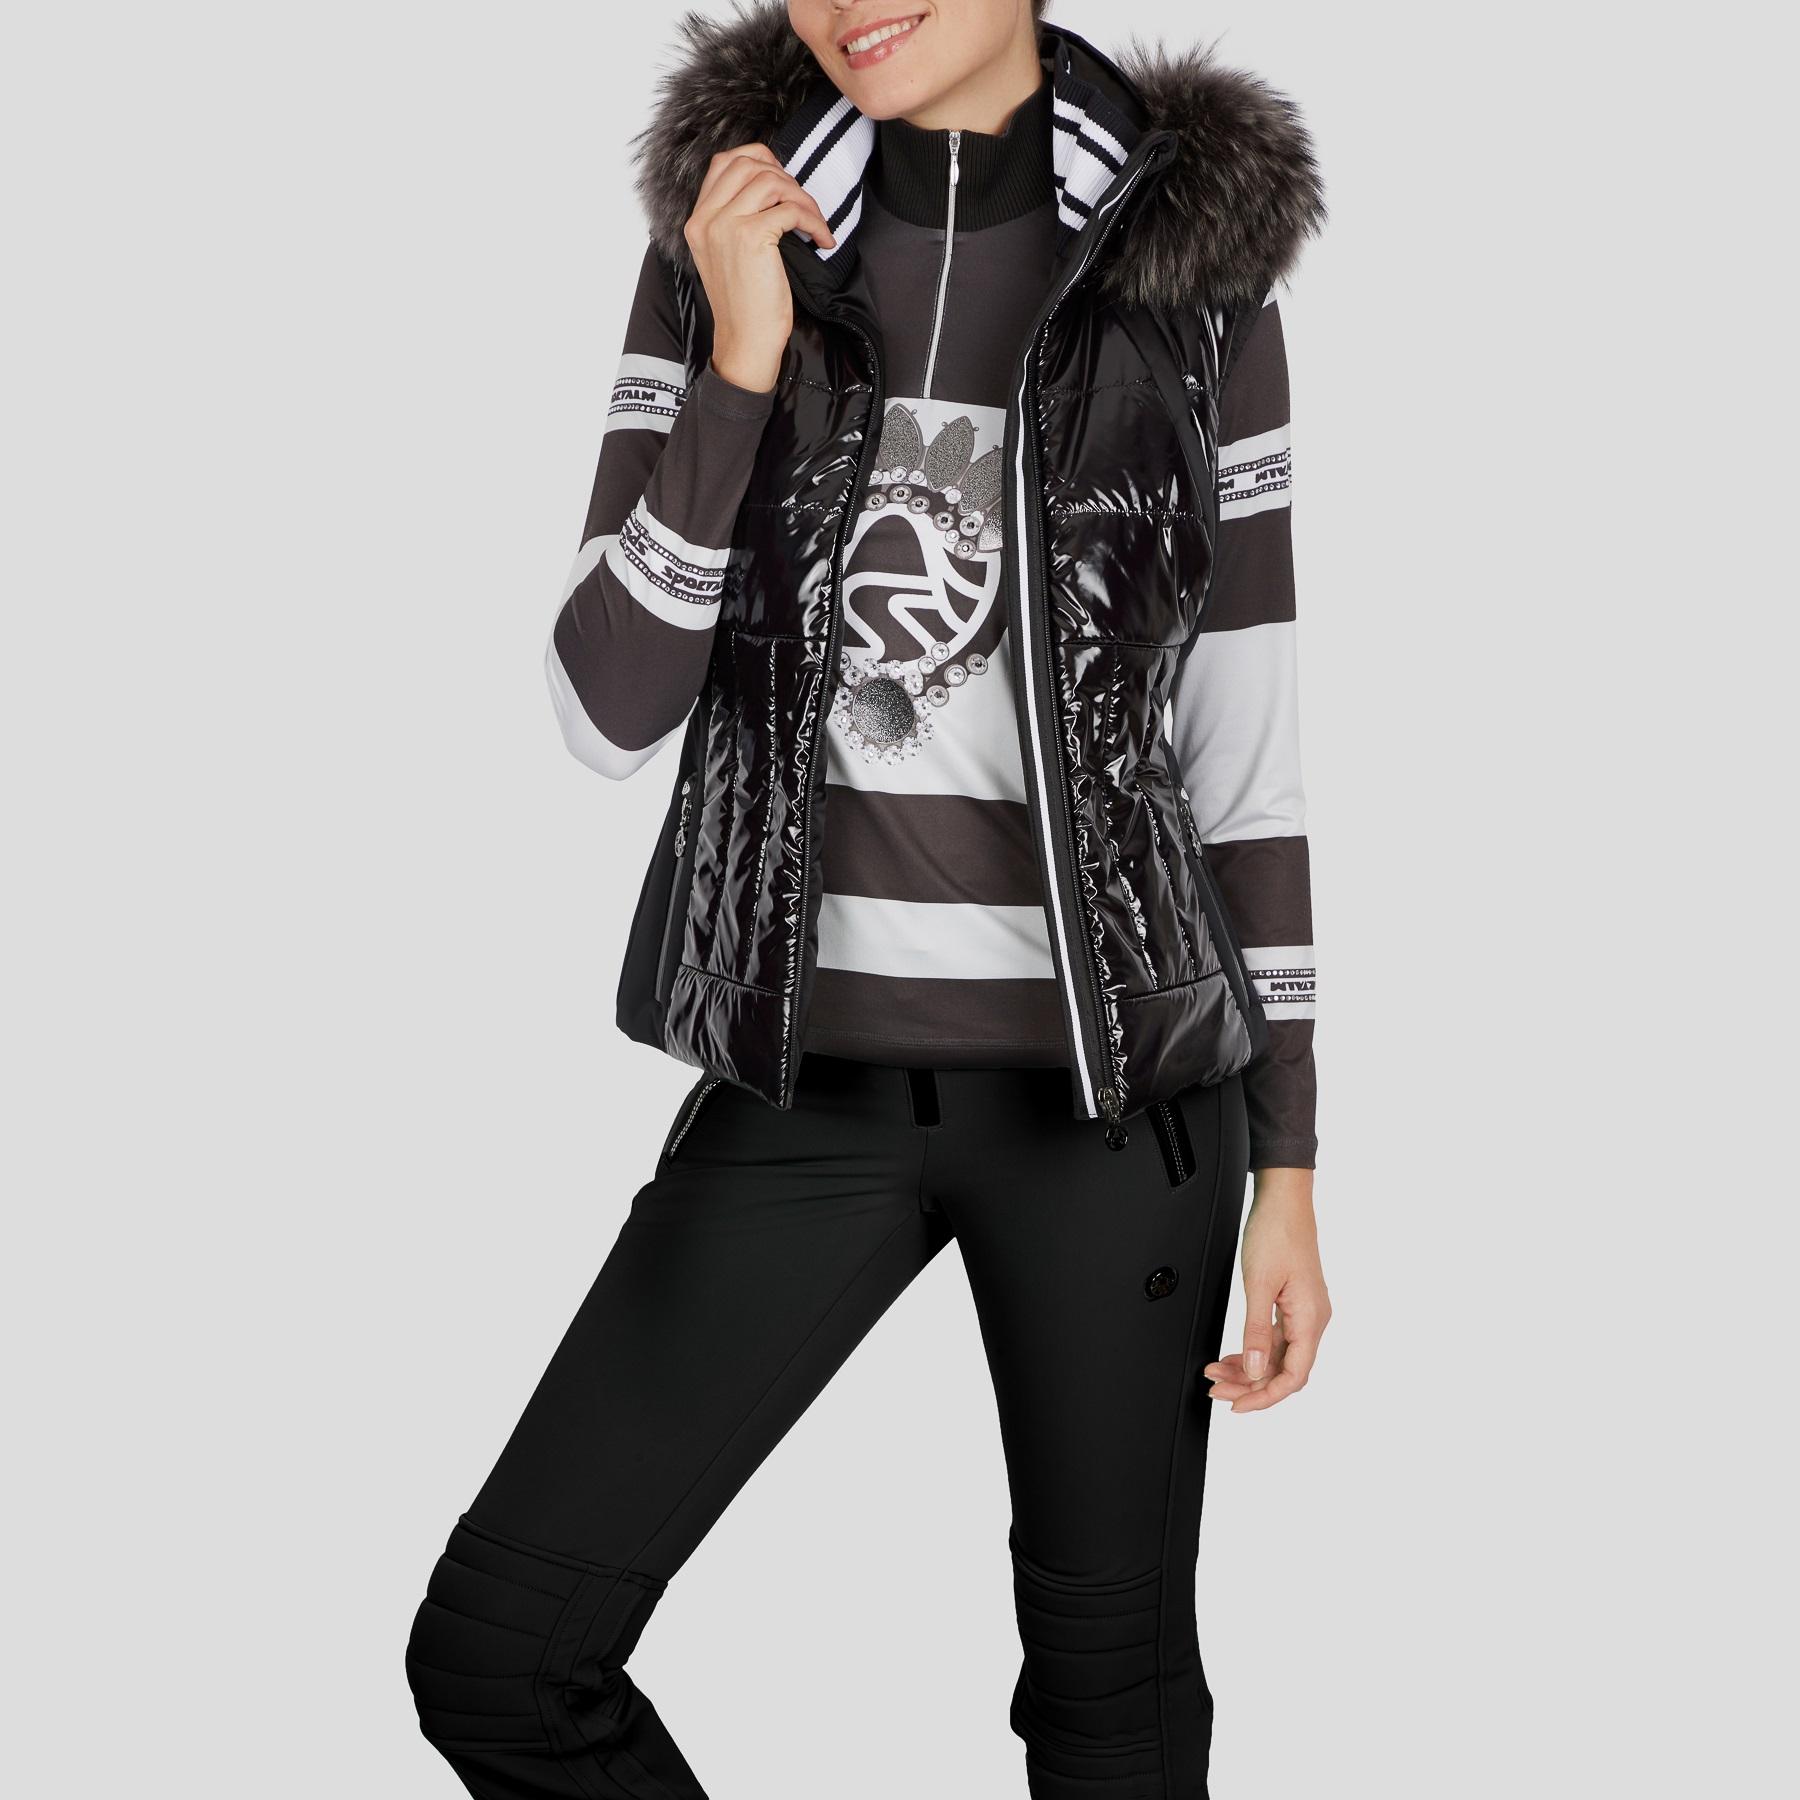 Îmbrăcăminte Iarnă -  sportalm Shad 902607118-59